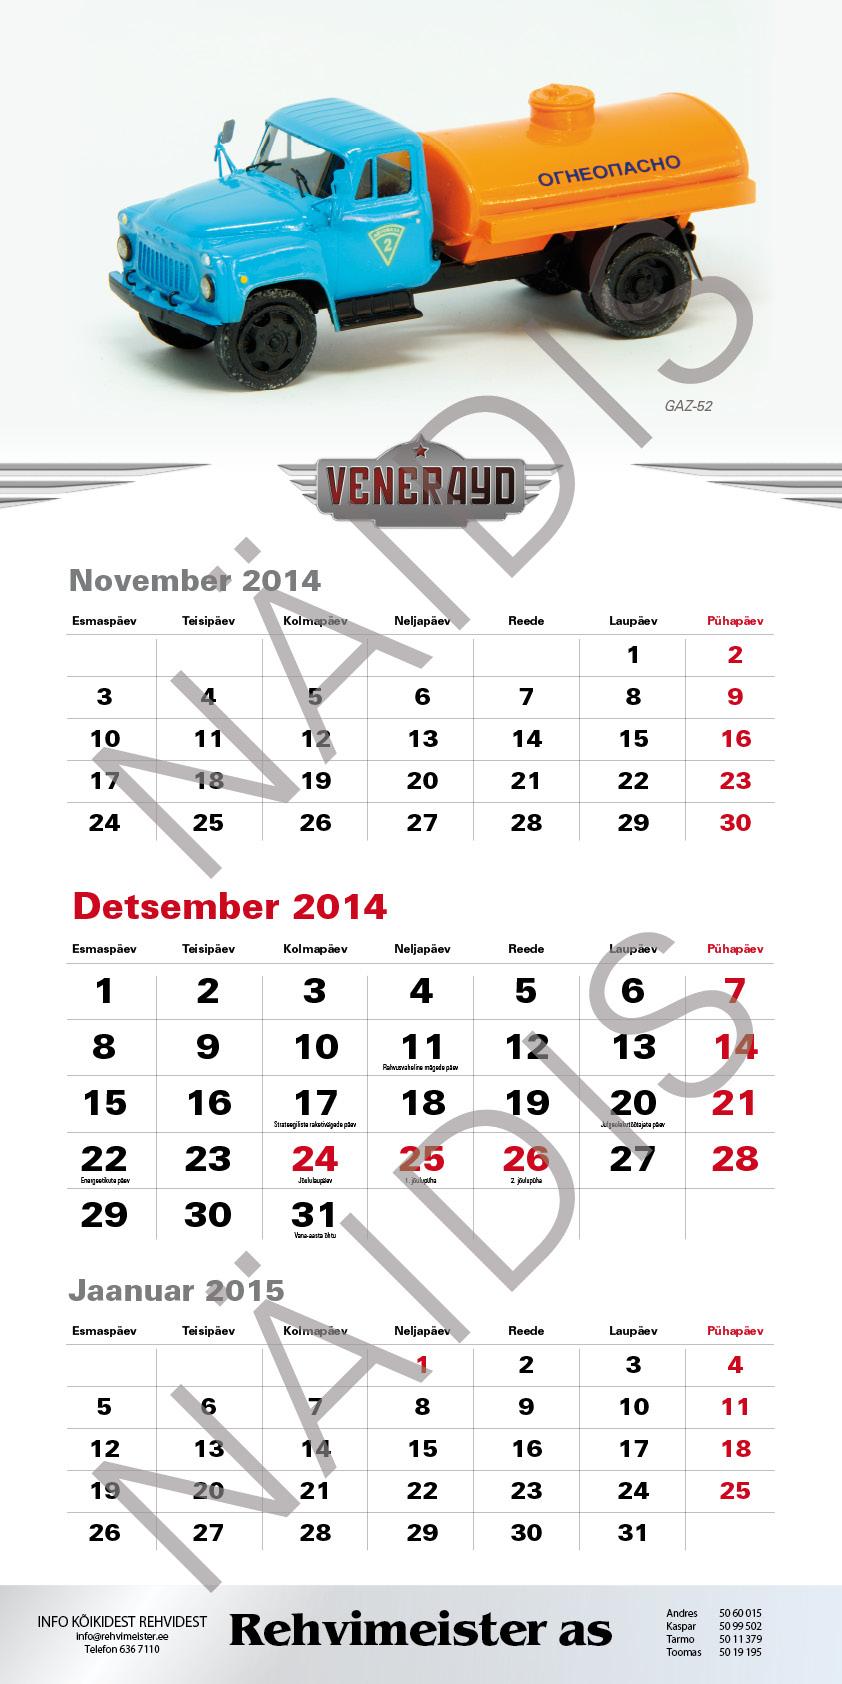 Veneraud_kalender_201413